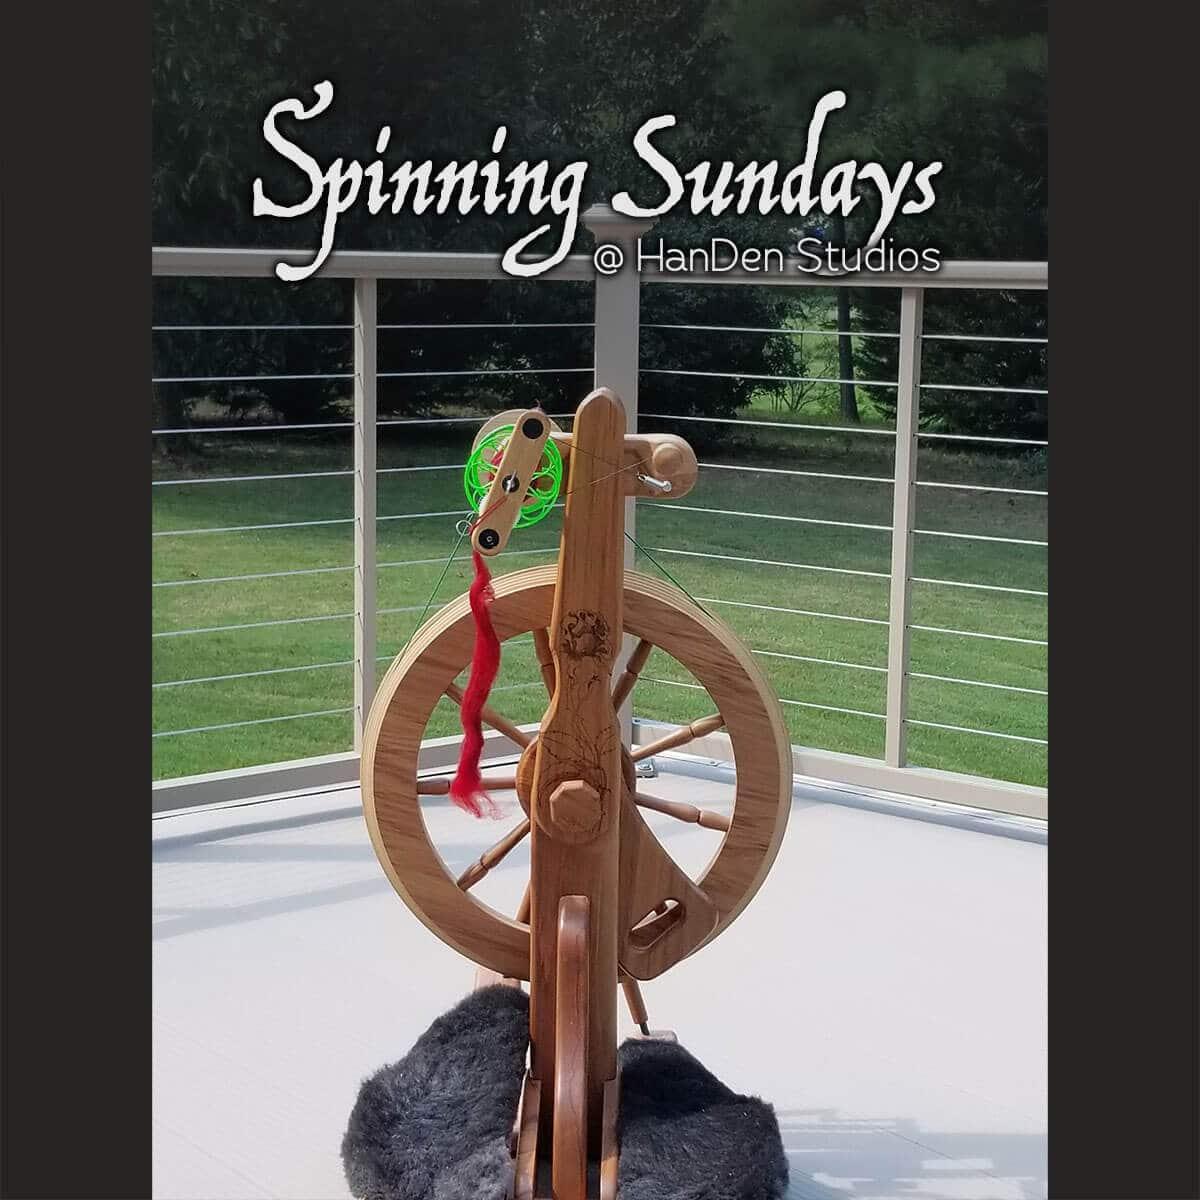 Spinning Sundays @ HanDen Studios